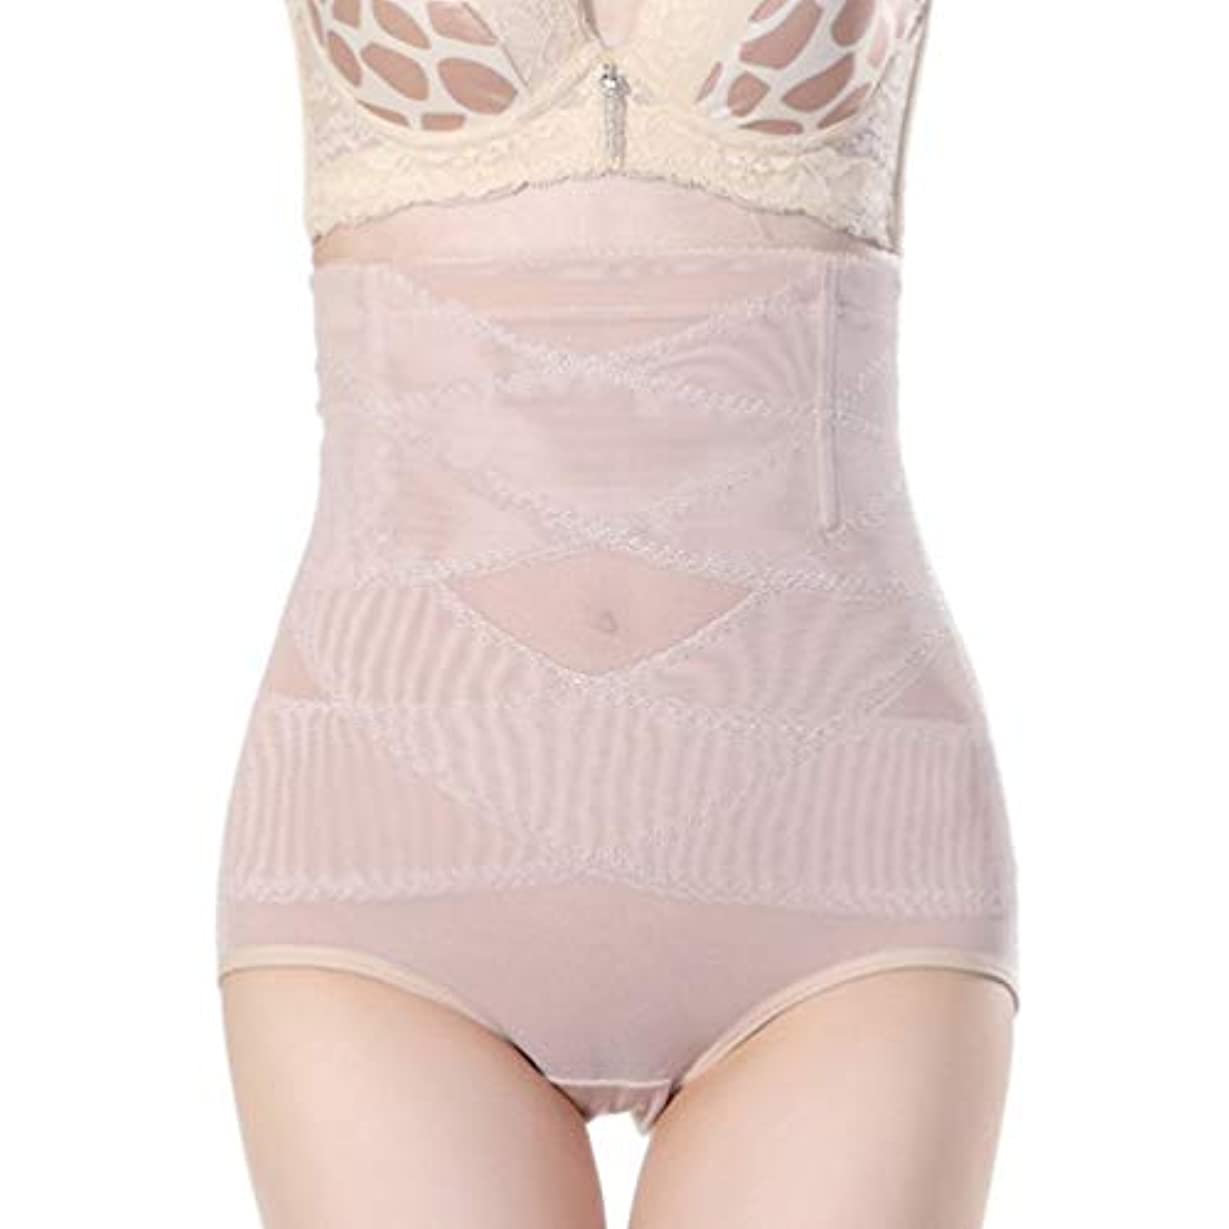 回想ラテン輸血腹部制御下着シームレスおなかコントロールパンティーバットリフターボディシェイパーを痩身通気性のハイウエストの女性 - 肌色3 XL